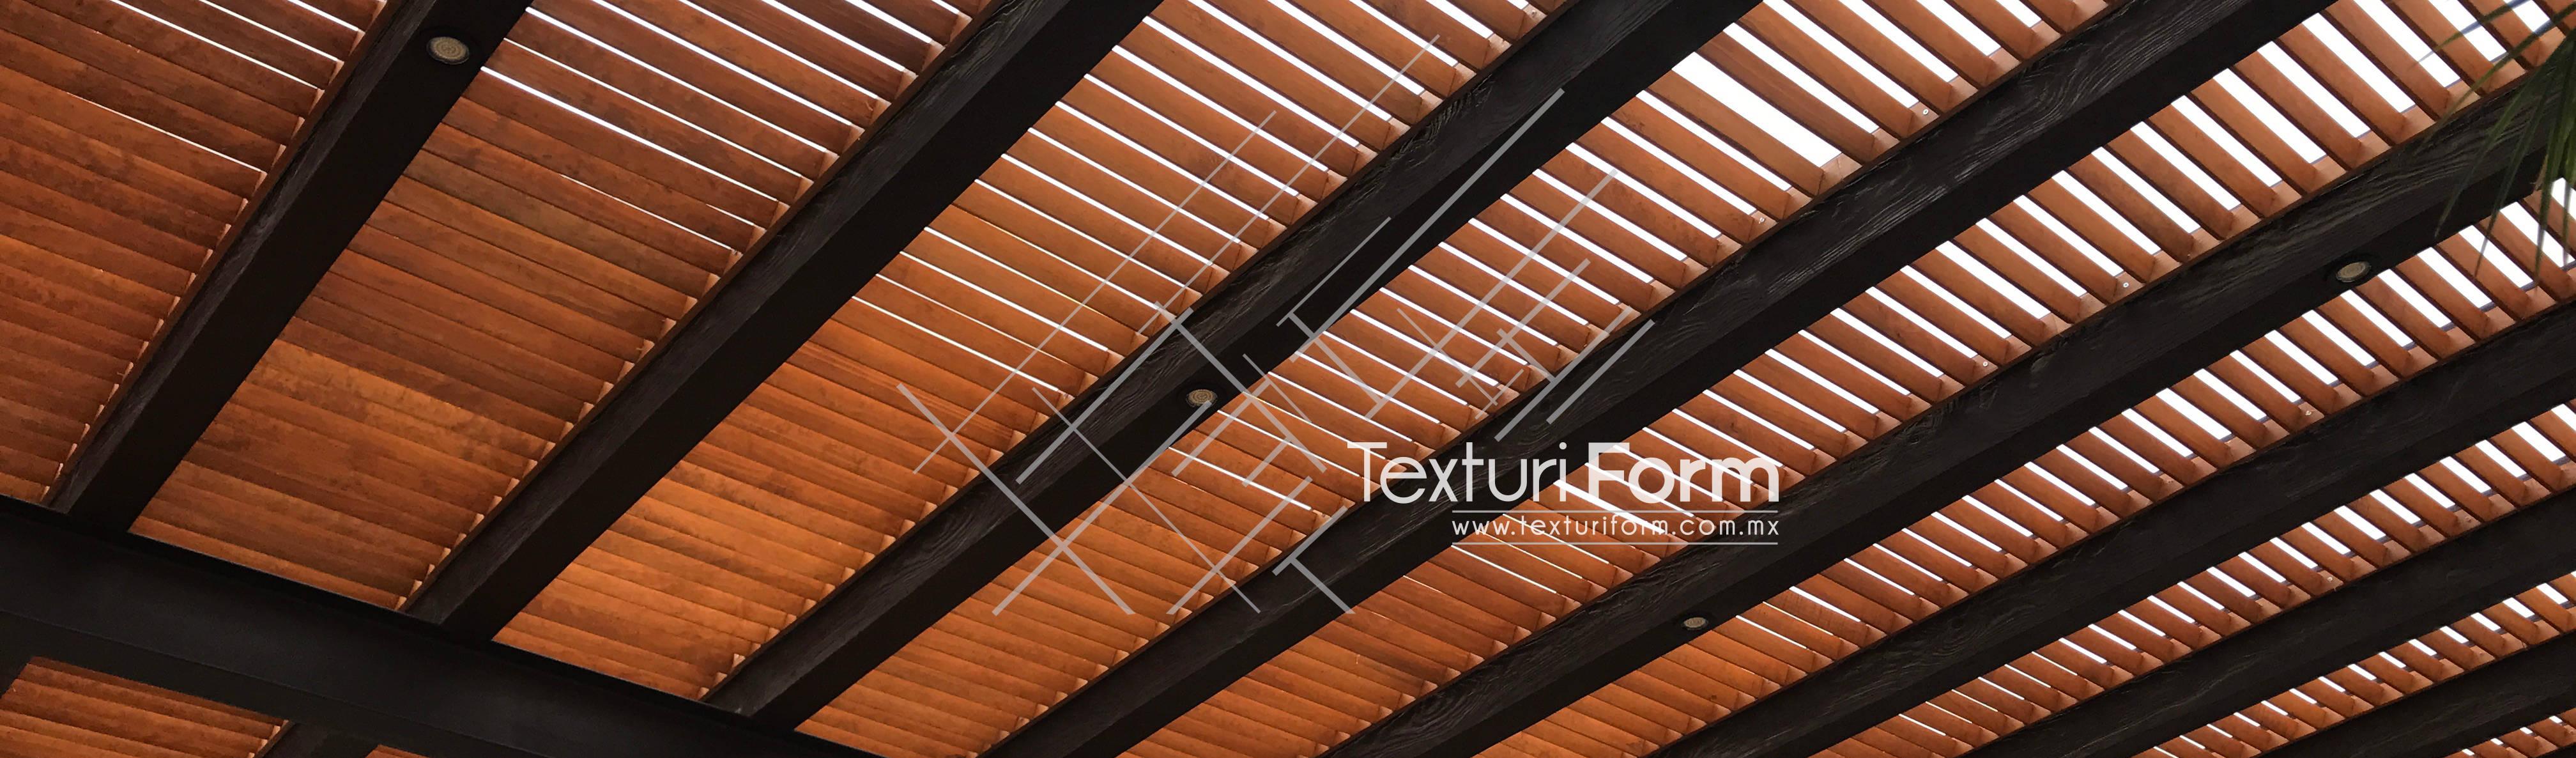 TexturiForm